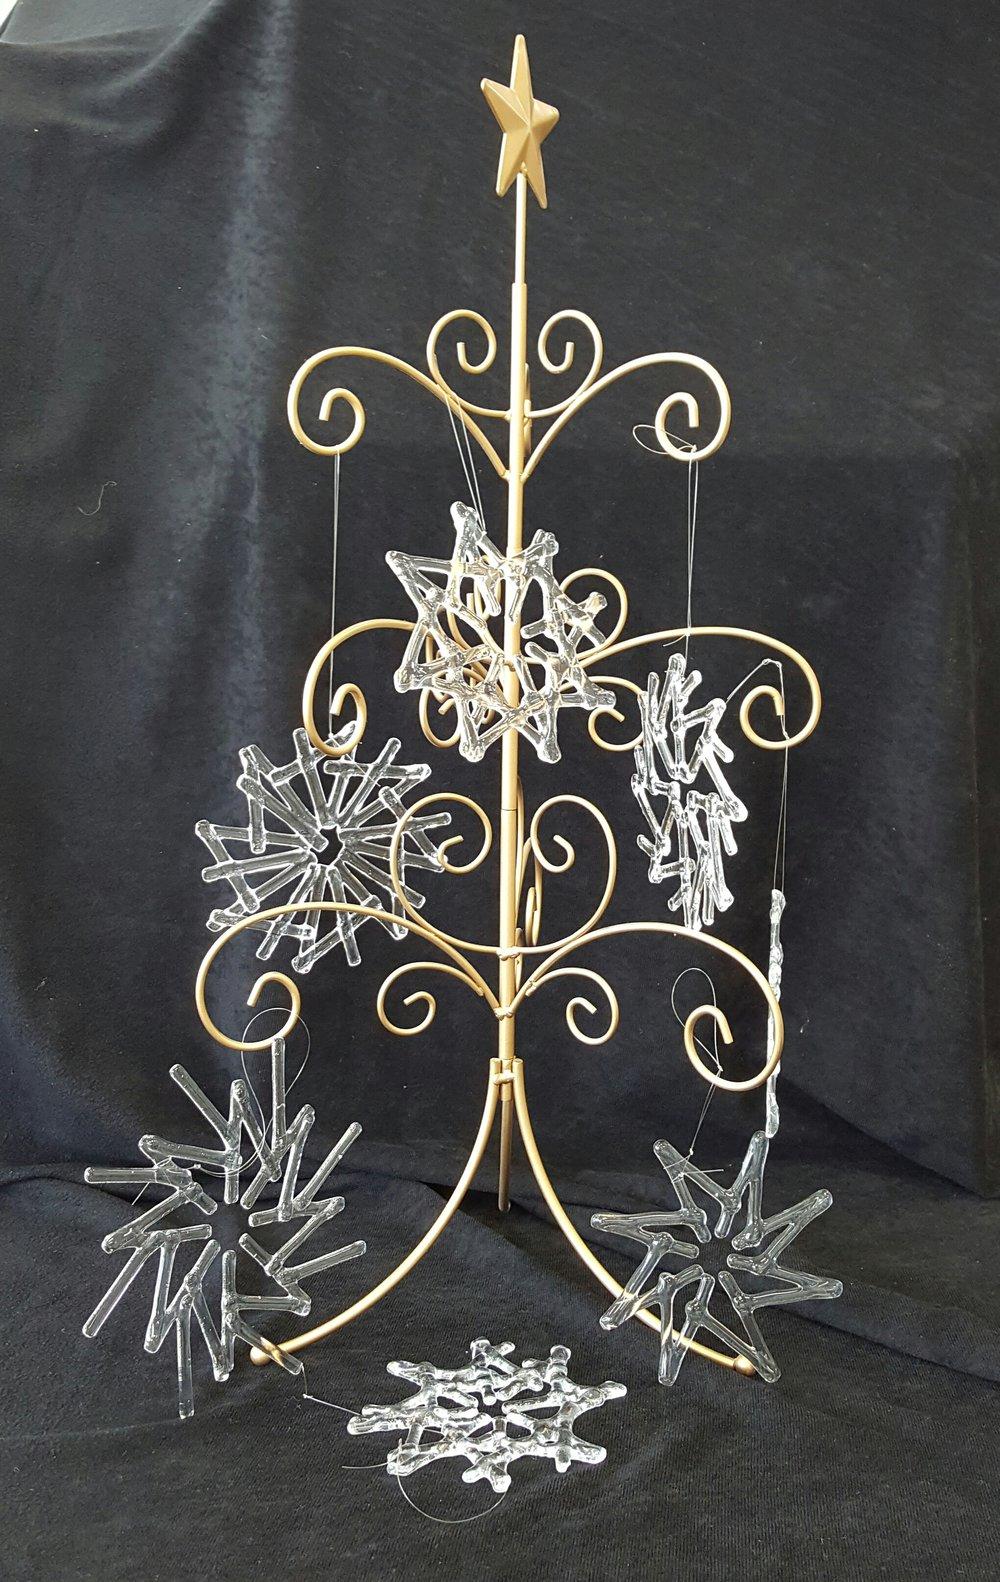 Fused Snowflakes on the tree.jpg